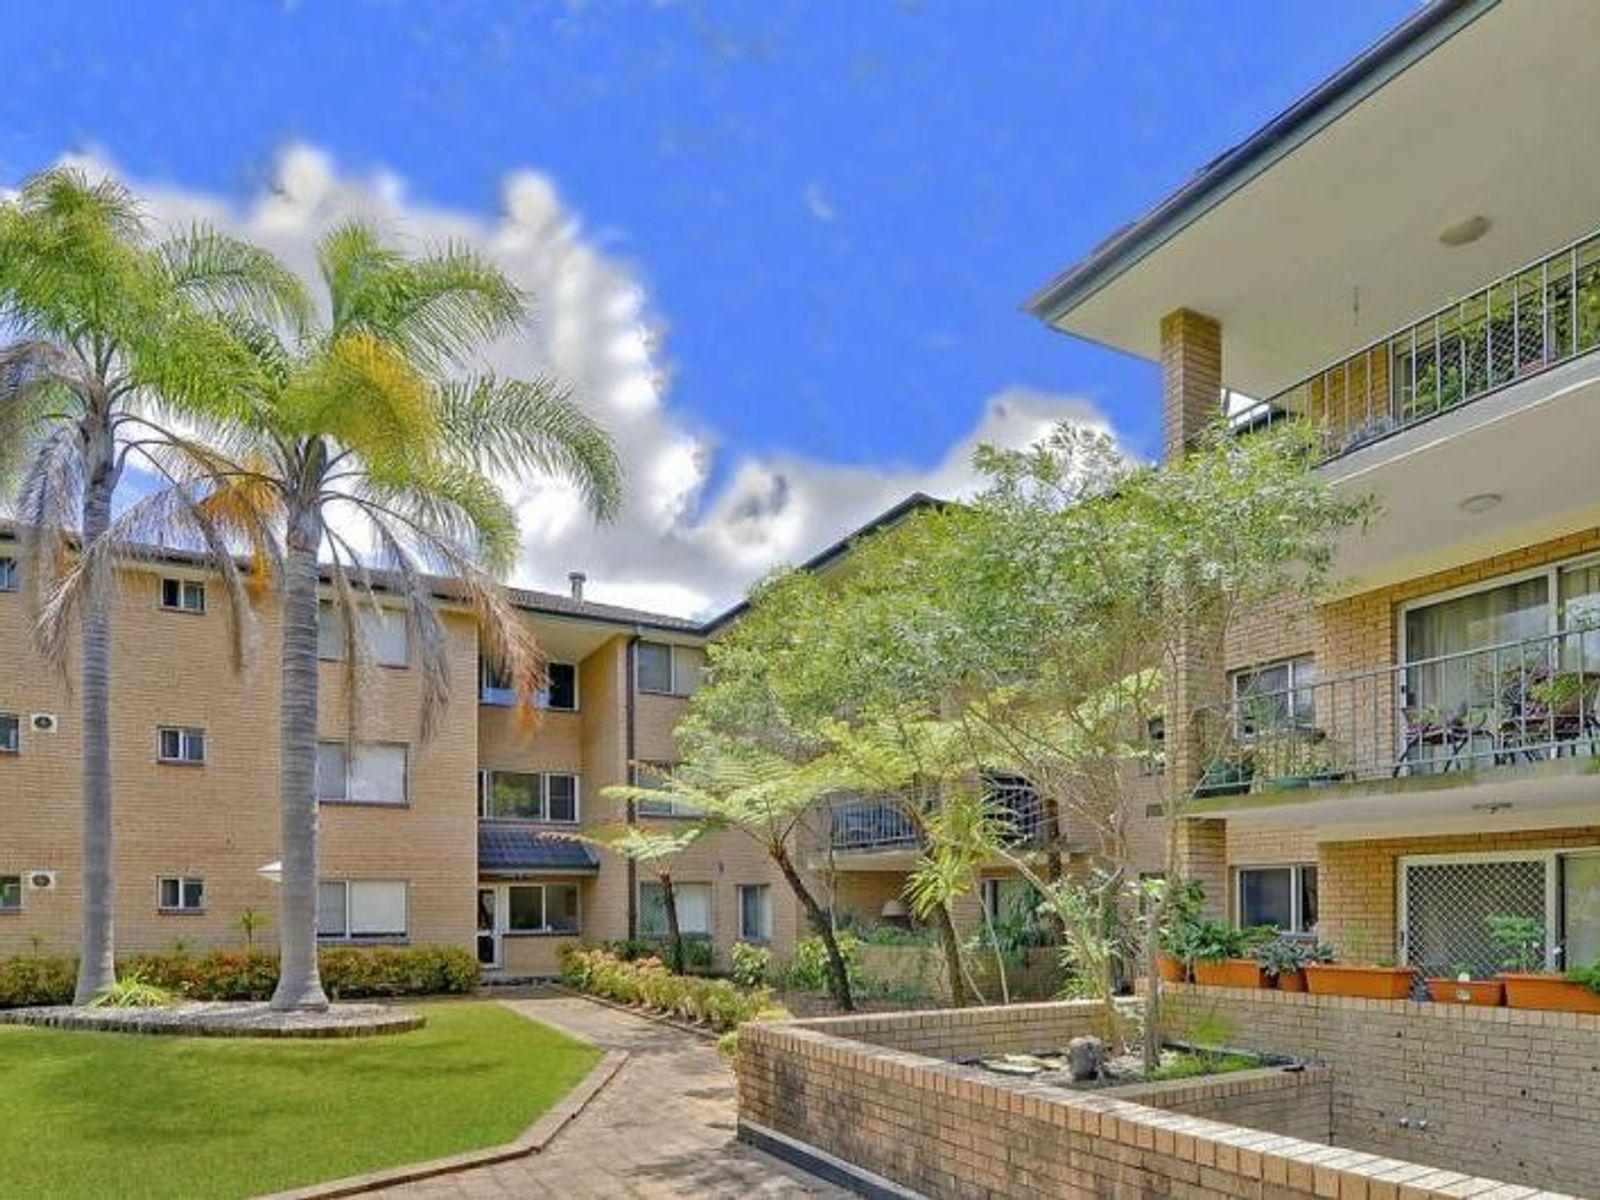 13/39 Albert Street, Hornsby, NSW 2077